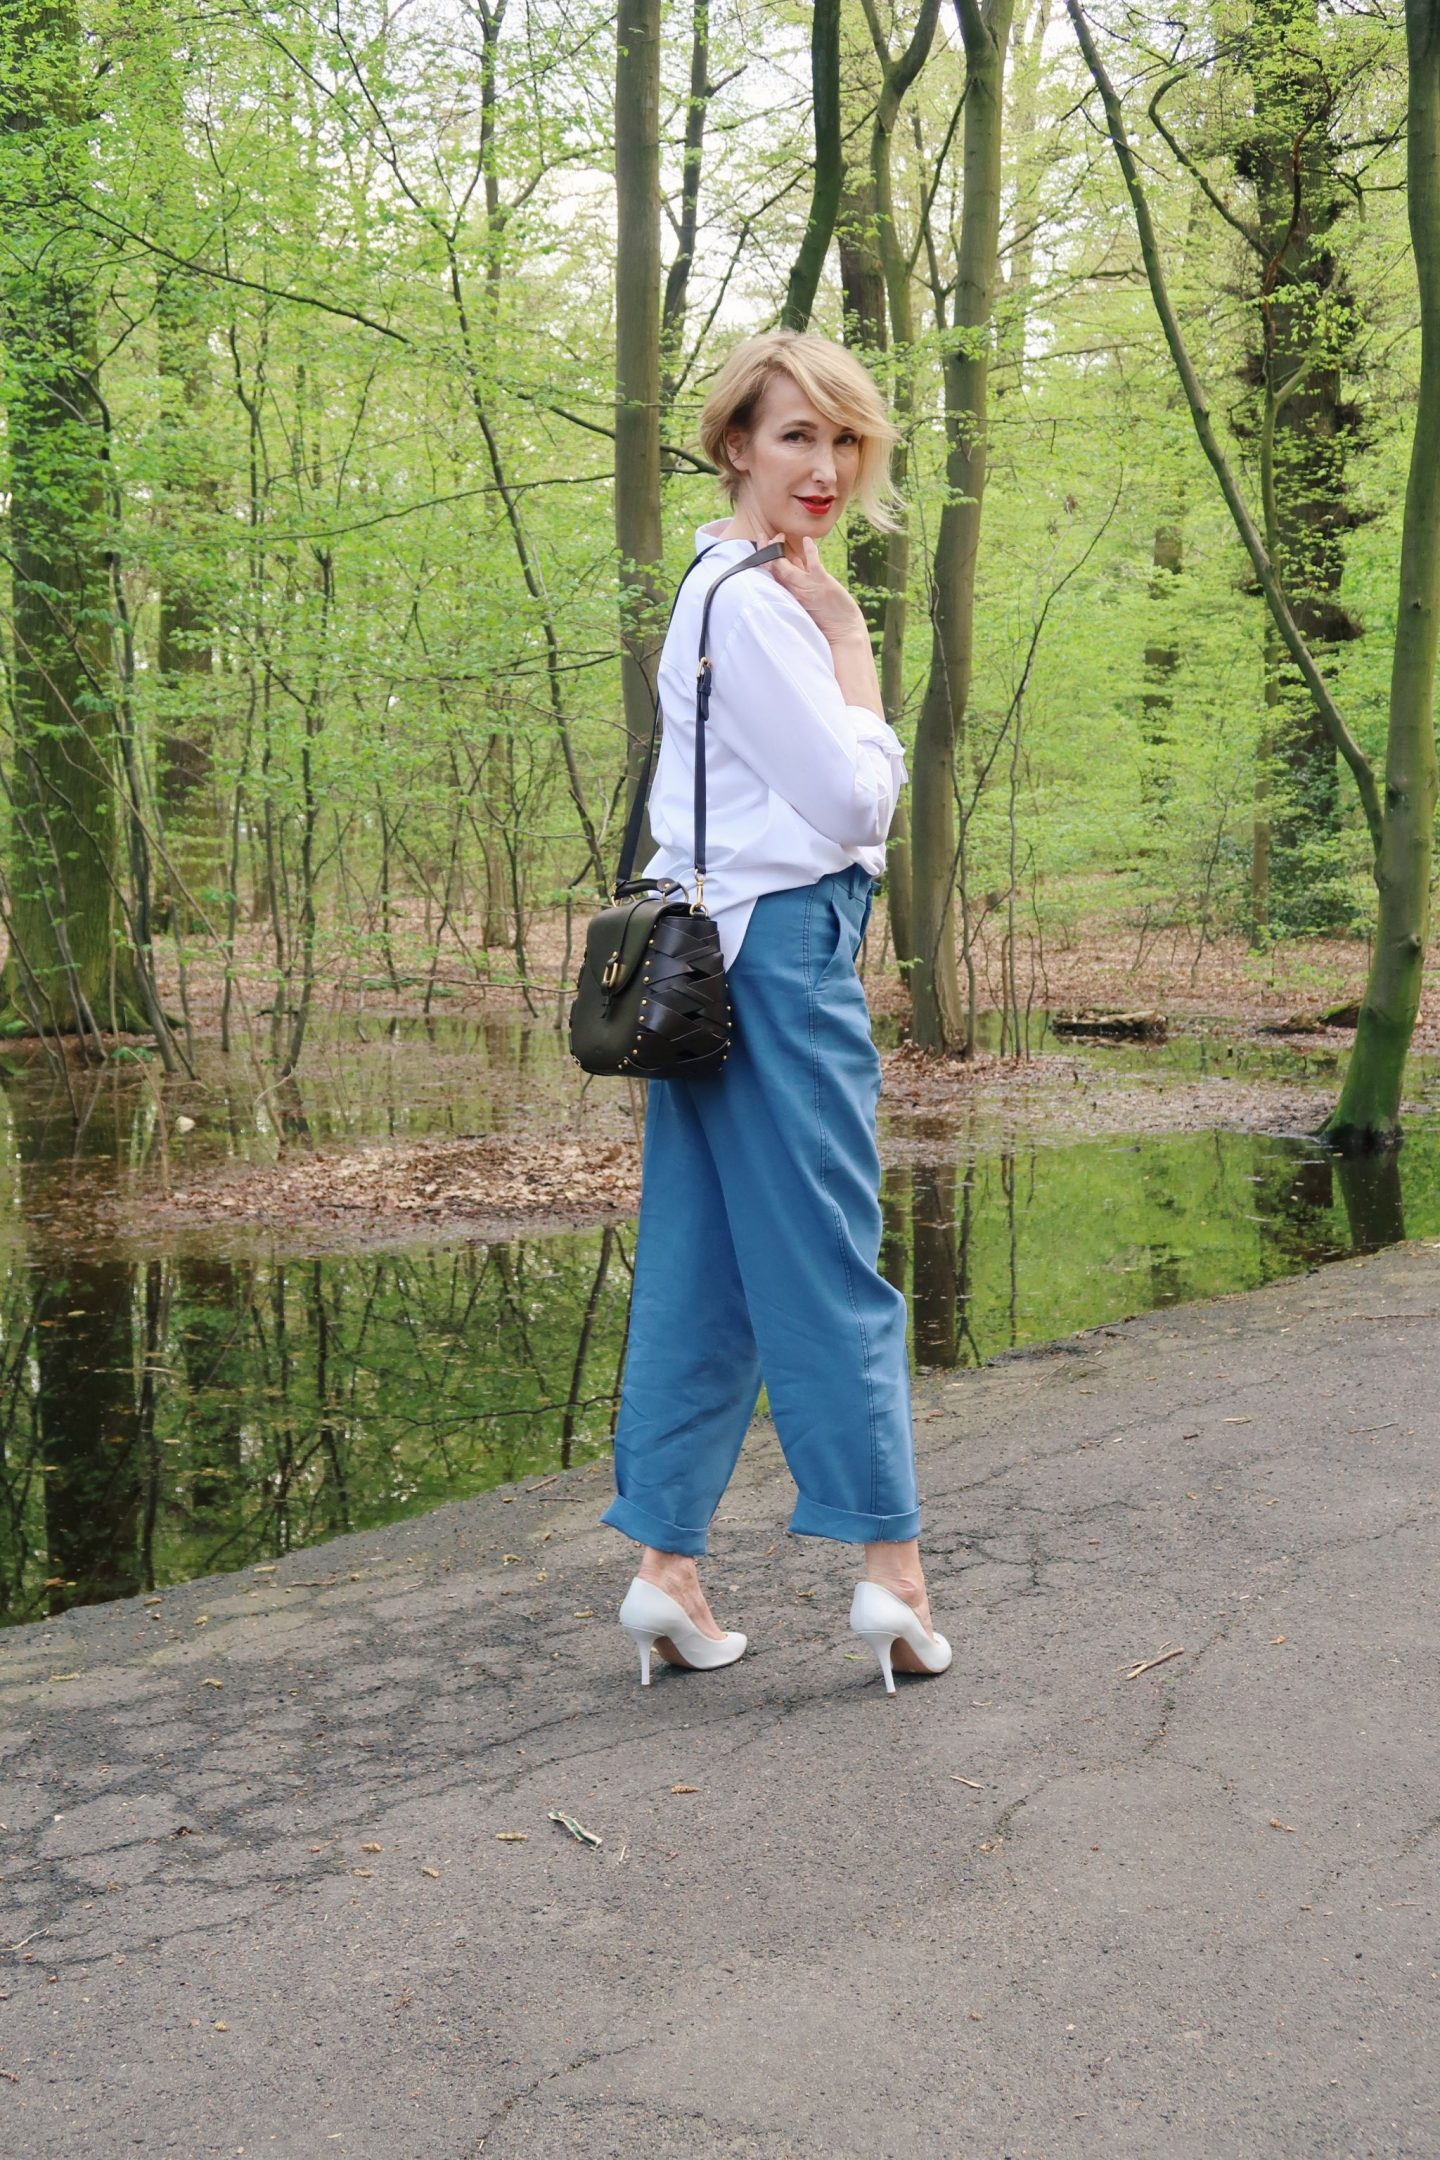 glamupyourlifestyle klassische-weiße-bluse pumps ü40-mode ü50-mode ue40-blog